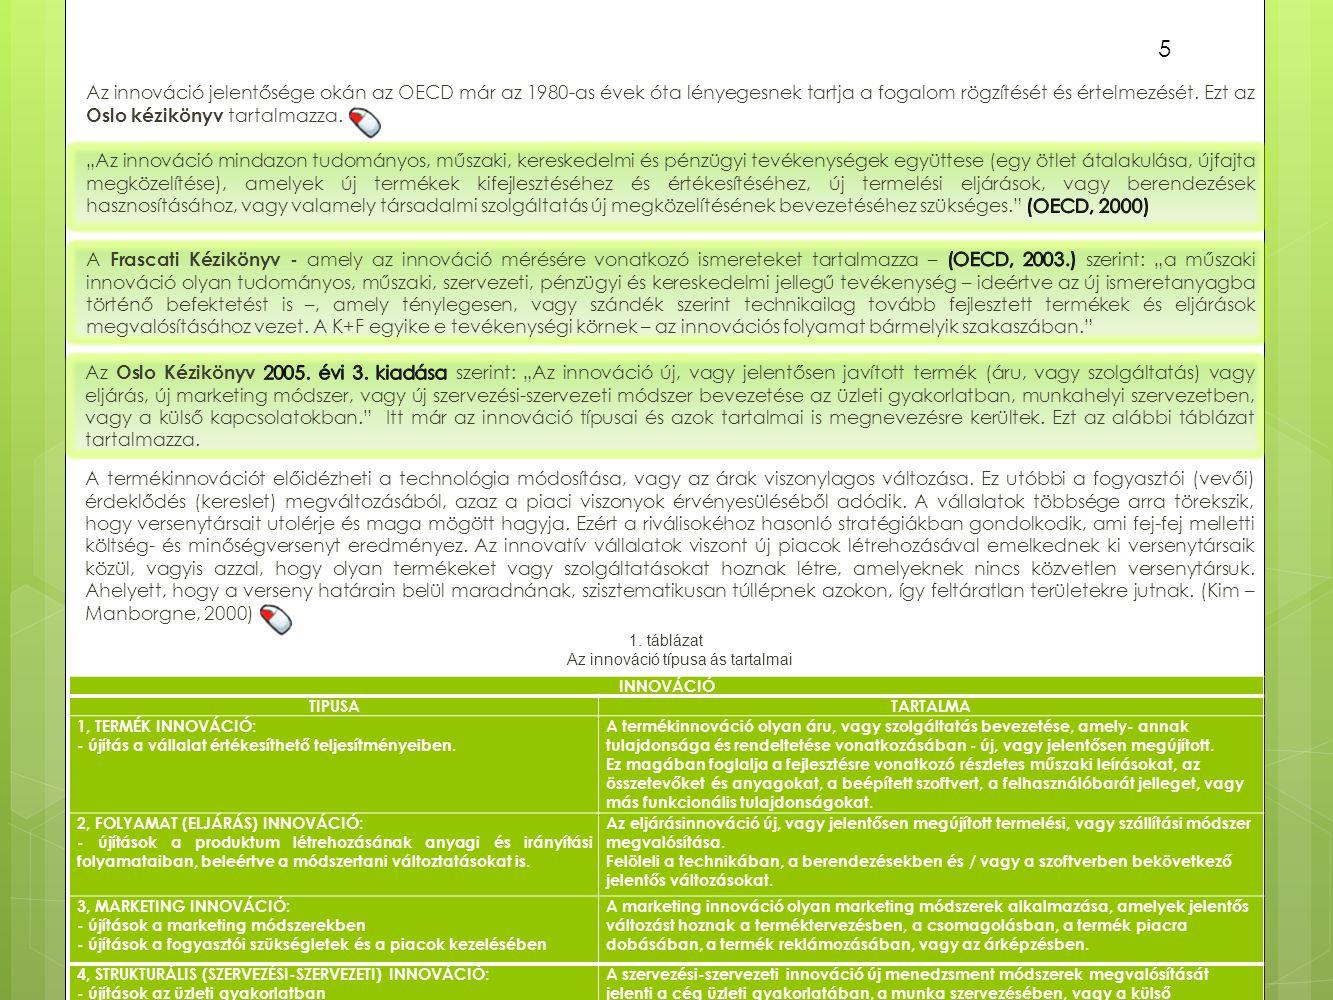 66 A regionális innovációs stratégiák megvalósításában az alábbi fogalmakkal és szereplőkkel célszerű megismerkednünk Búzás (2007): innovációs milliő ipari körzetek innovációs rendszerek helyi termelési rendszerek új ipari terek innovációs klaszterek, ipari együttműködési hálózatok tanuló régiók A felsorolt tényezők jellegzetességeit, illetve azok különbségeit az alábbi táblázat tartalmazza.